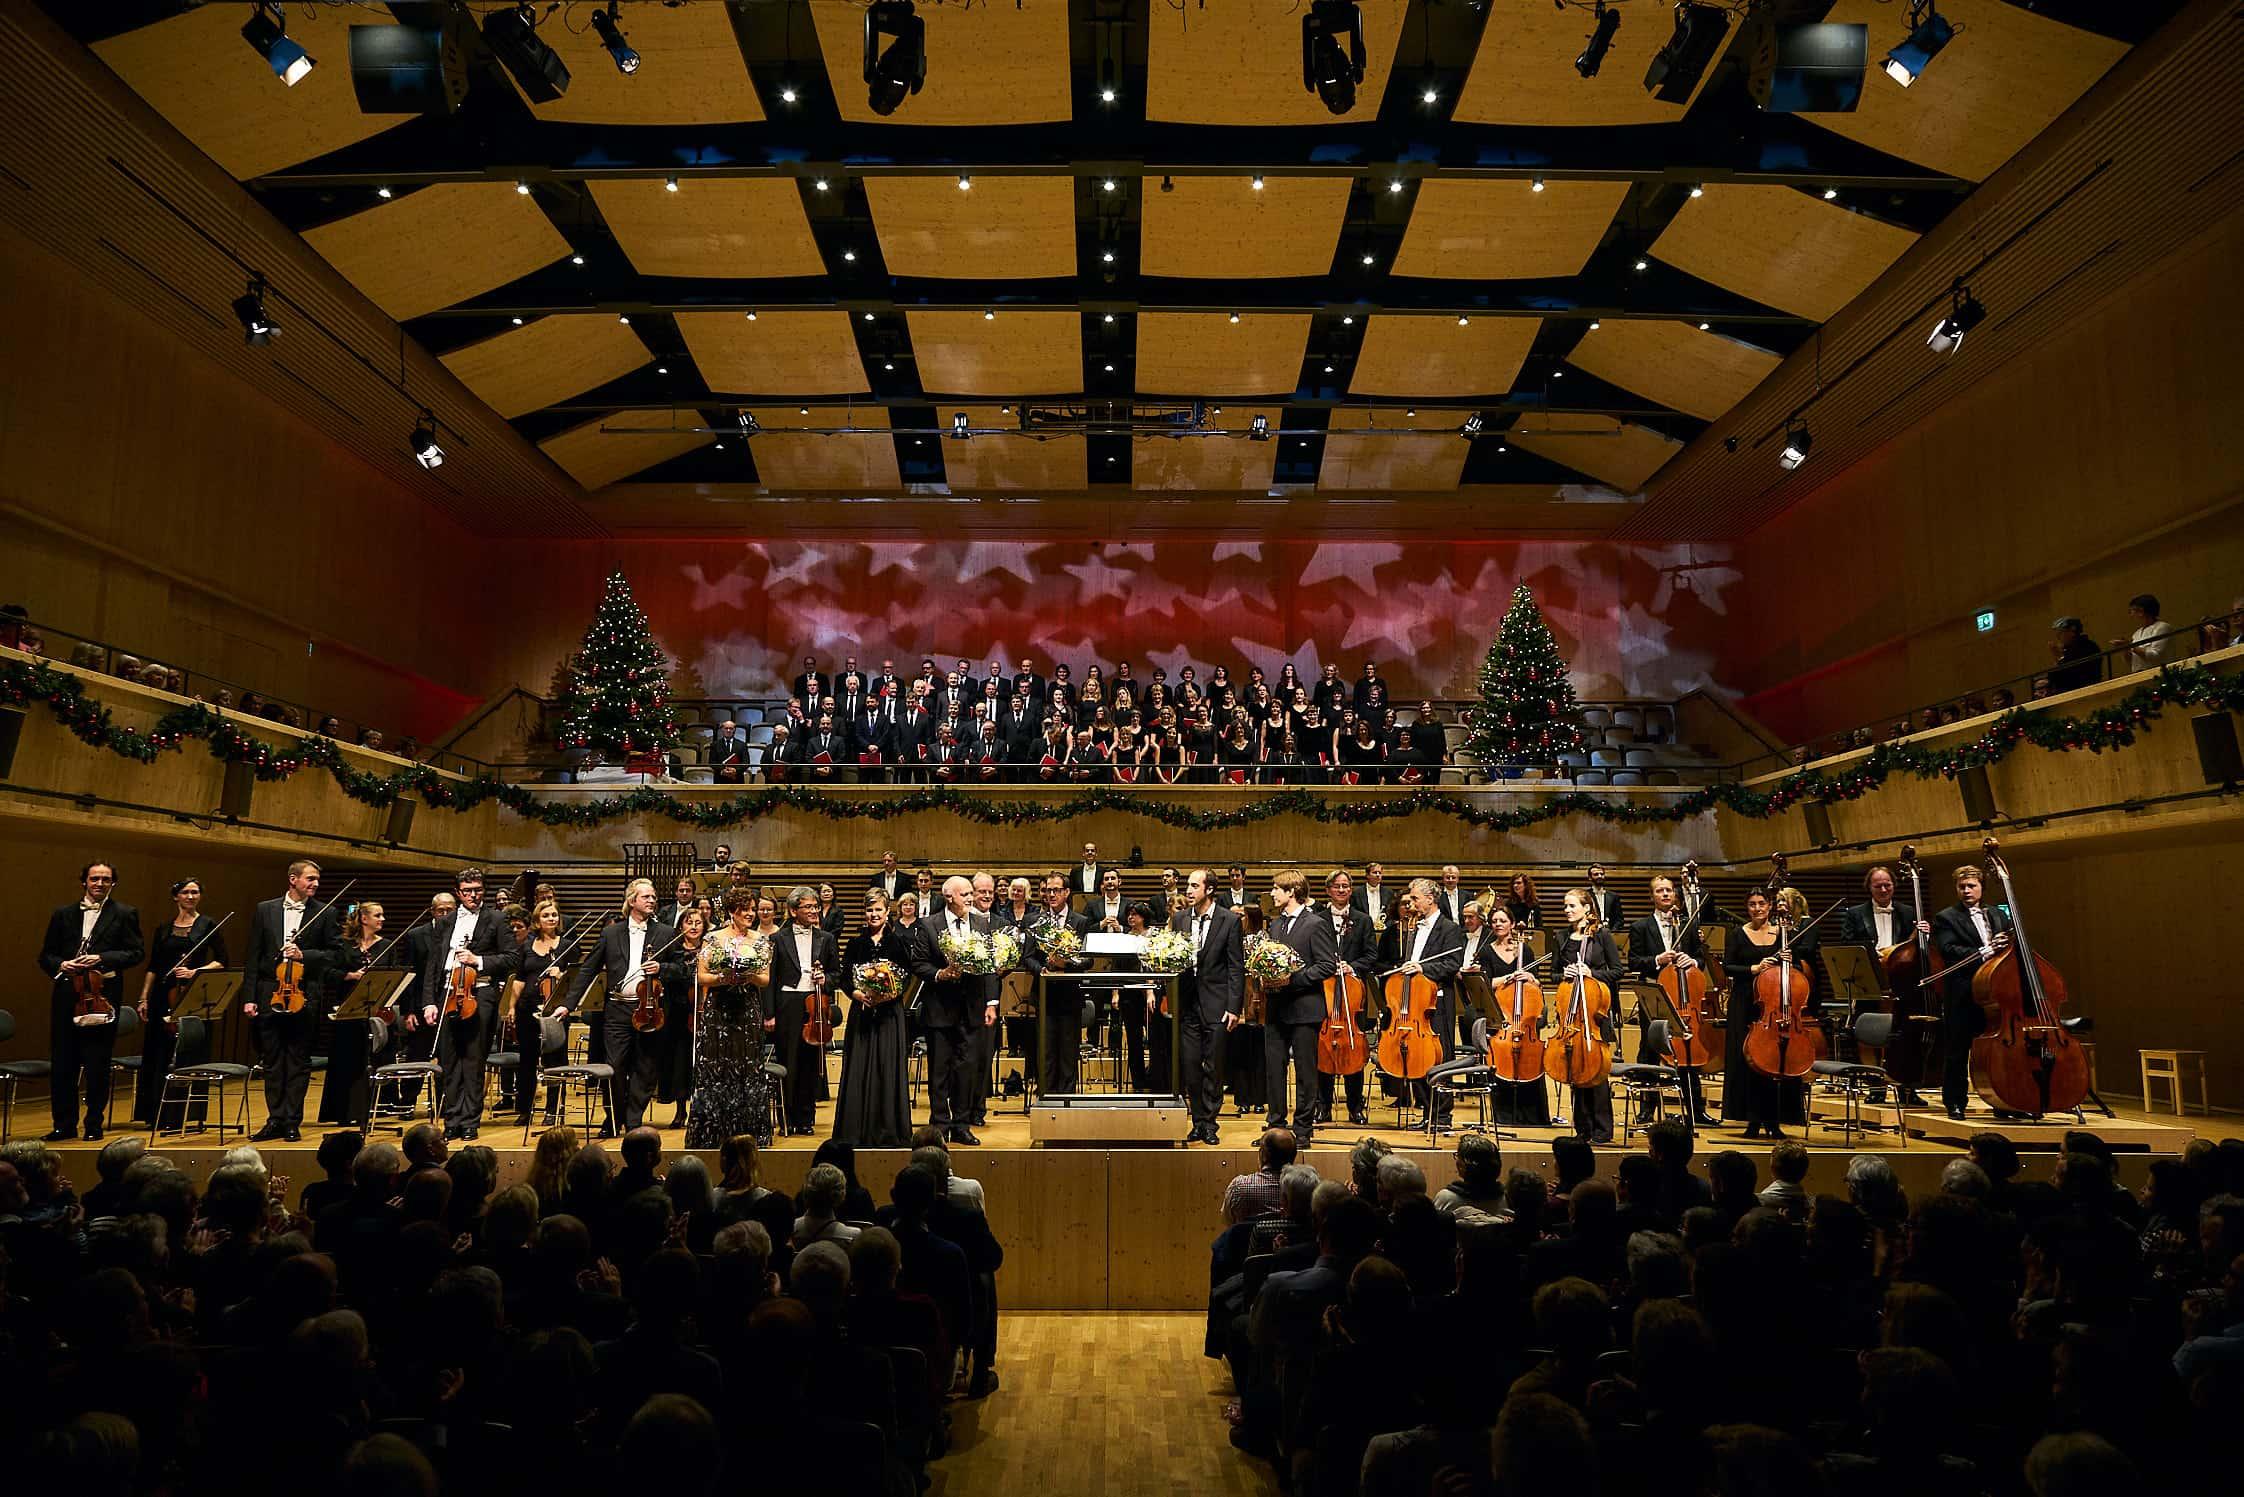 die Solisten und das gesamte Orchester empfängt stehend auf der Bühne den Schlussapplaus des Weihnachtskonzertes in der festlich geschmückten Tonhalle Maag in Zürich, die ganz aus Holz gebaut wurde.